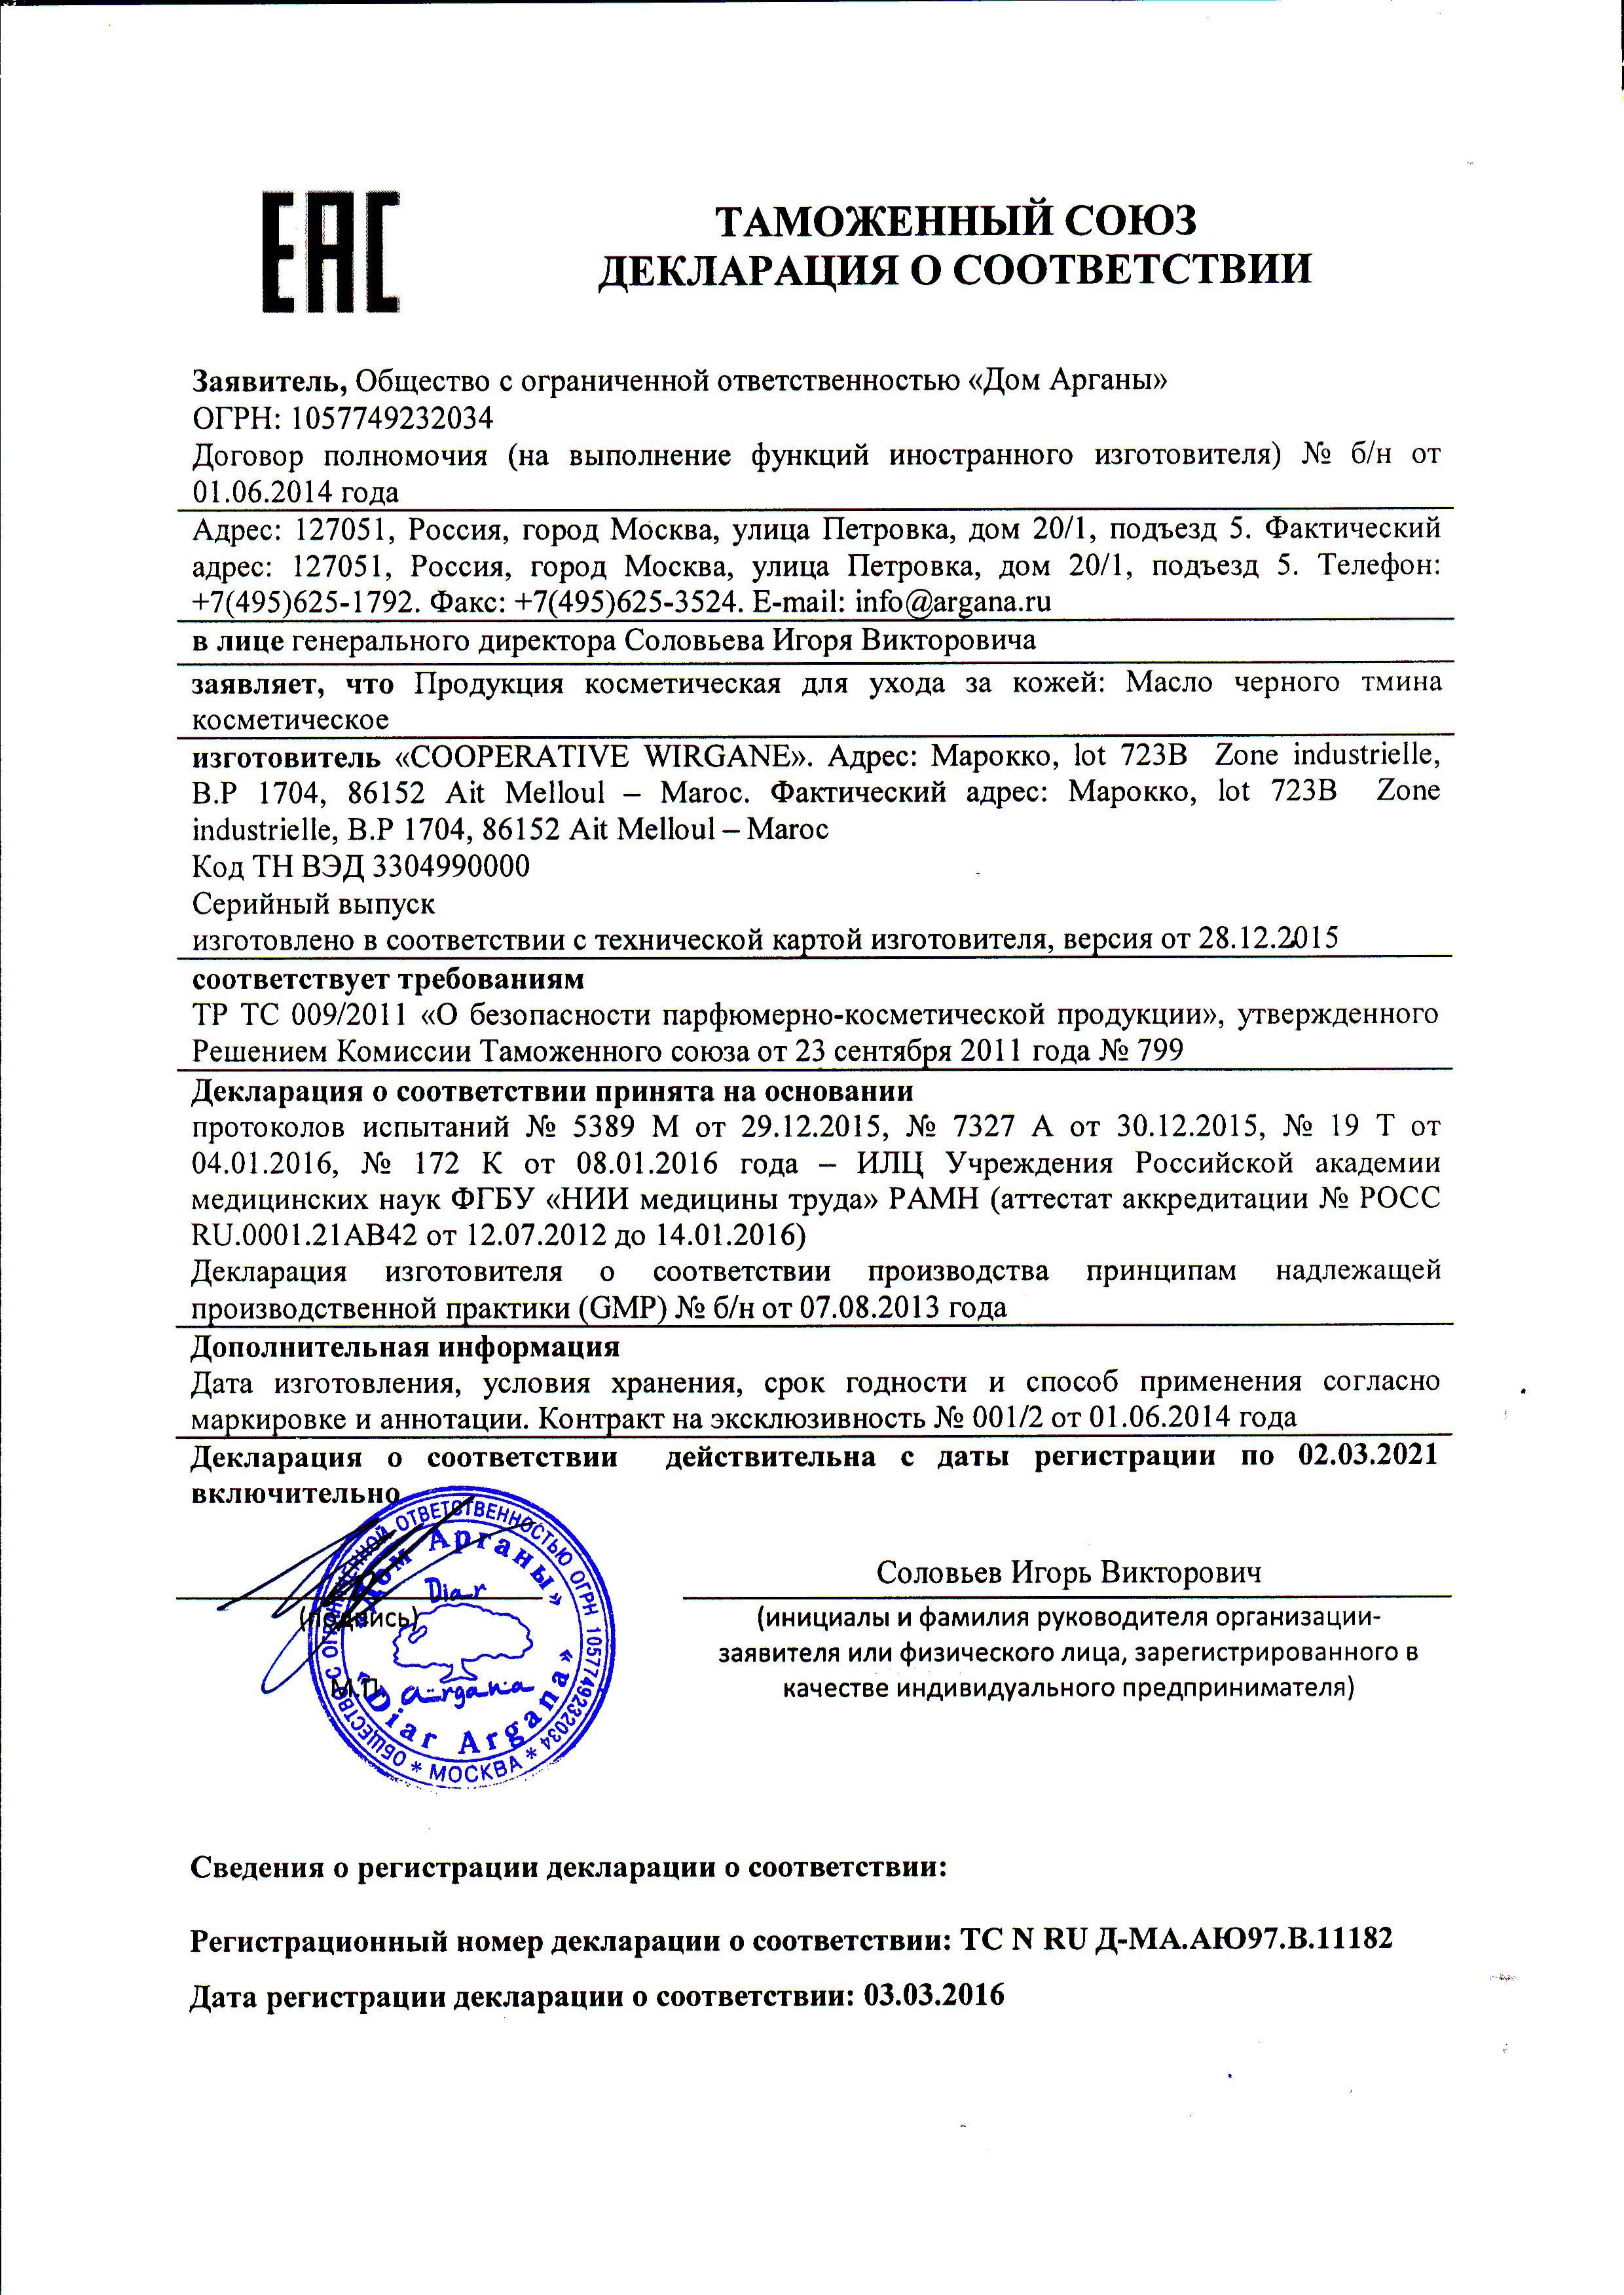 Декларация соответствия масло чернрого тмина косметическое